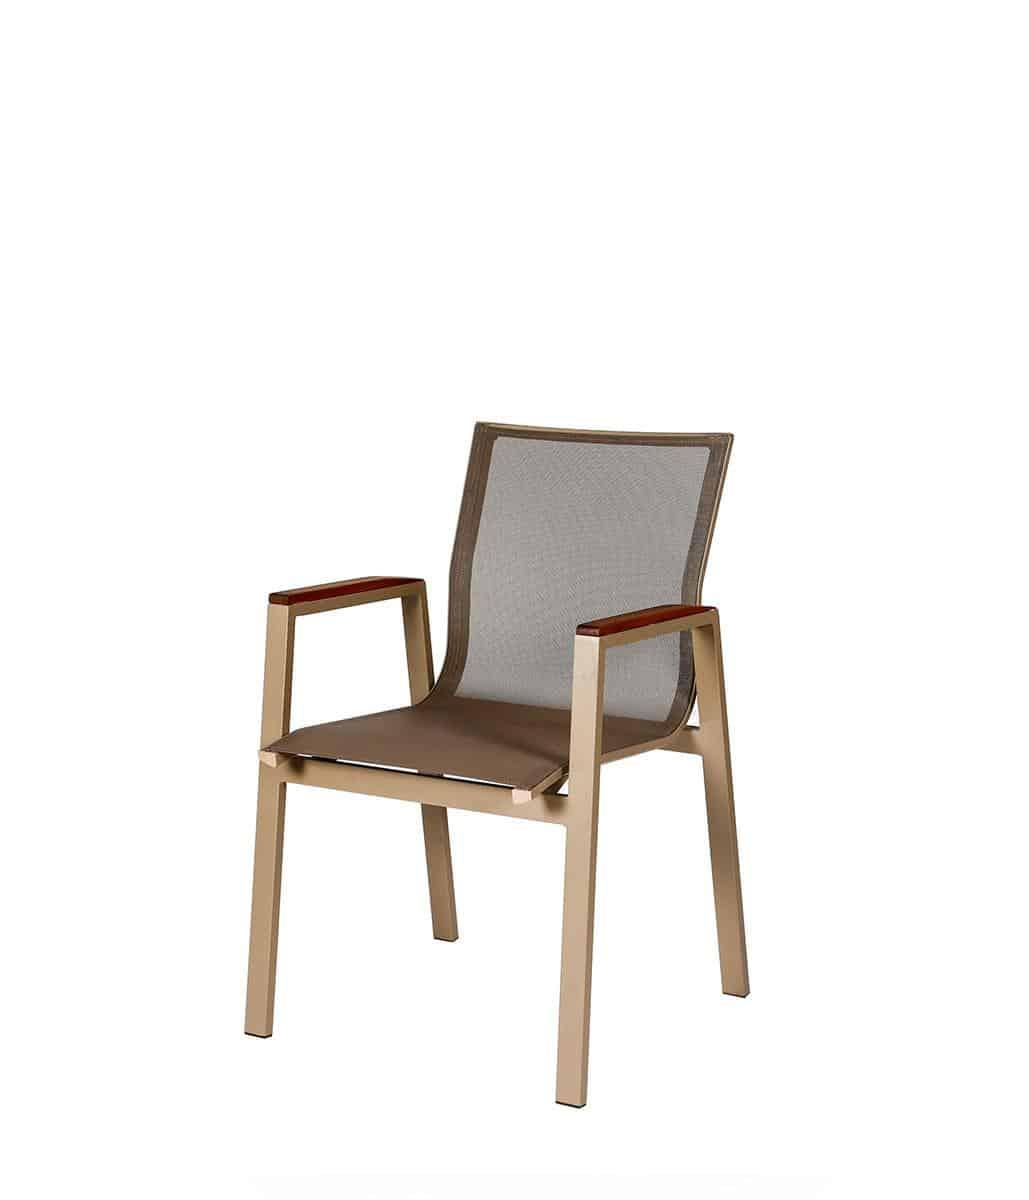 urun-daisy-sandalye-01